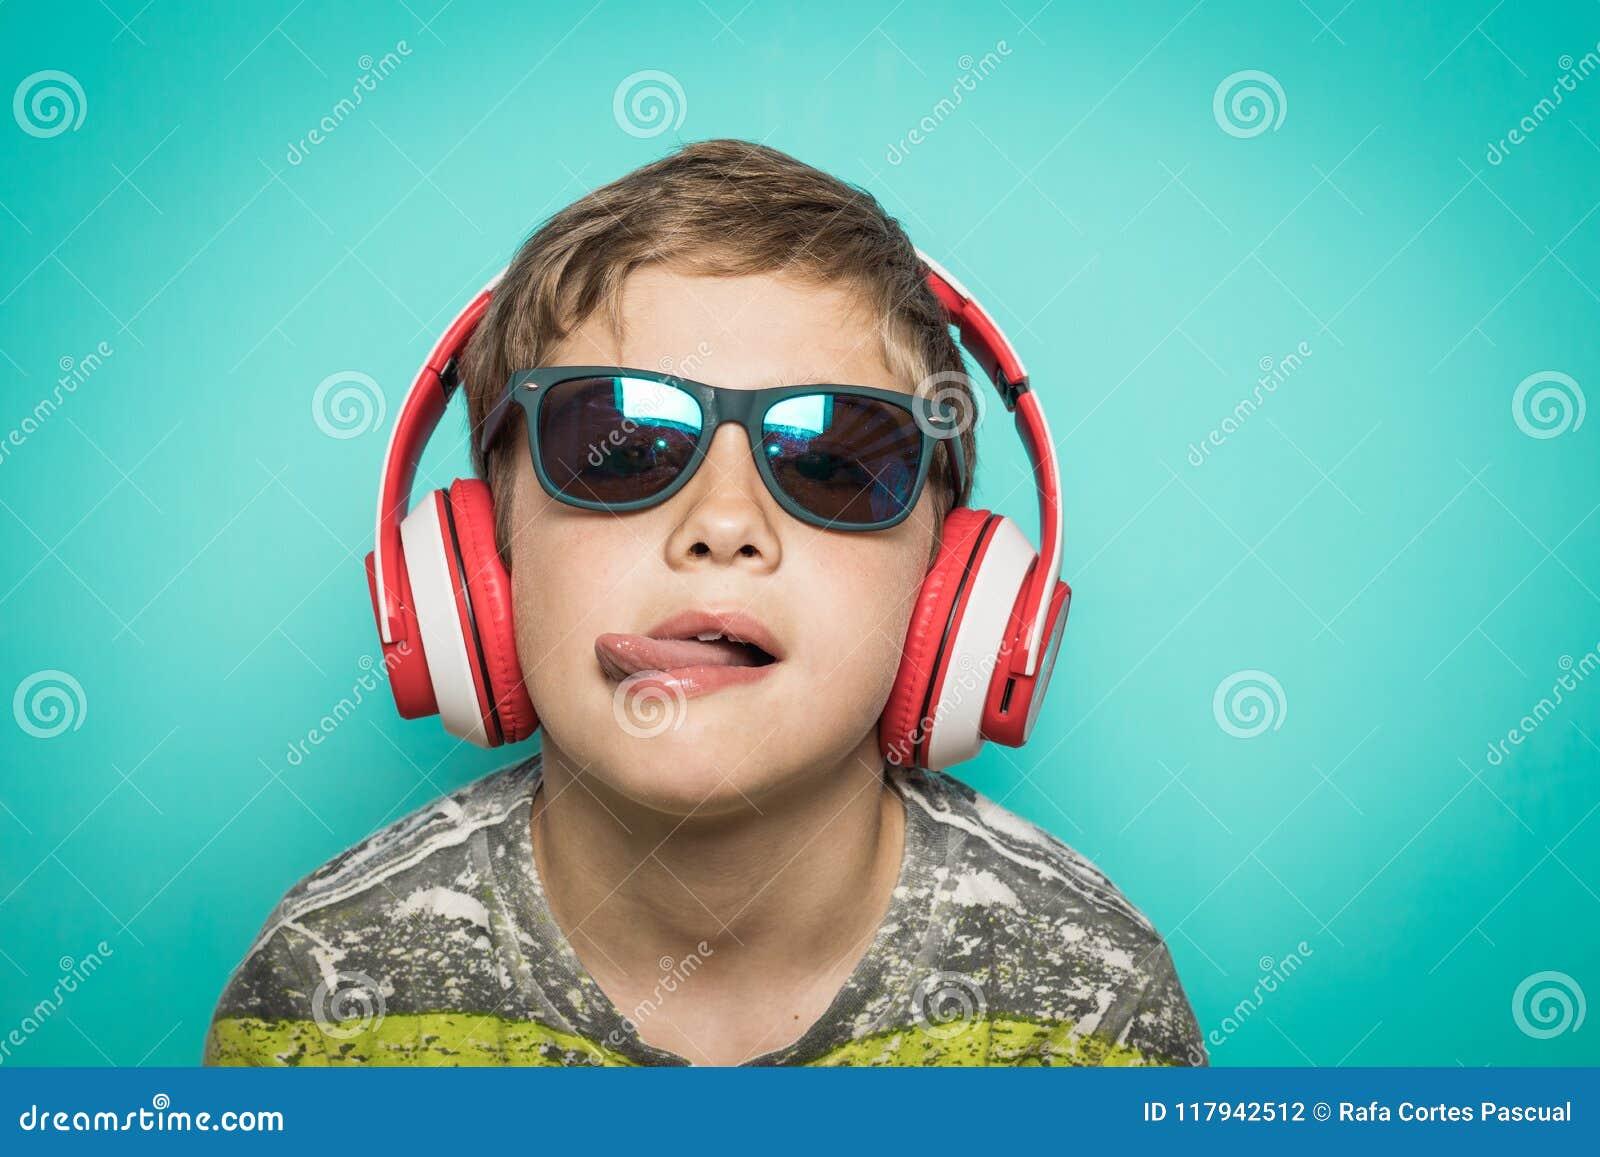 Ребенок с наушниками музыки и смешного выражения